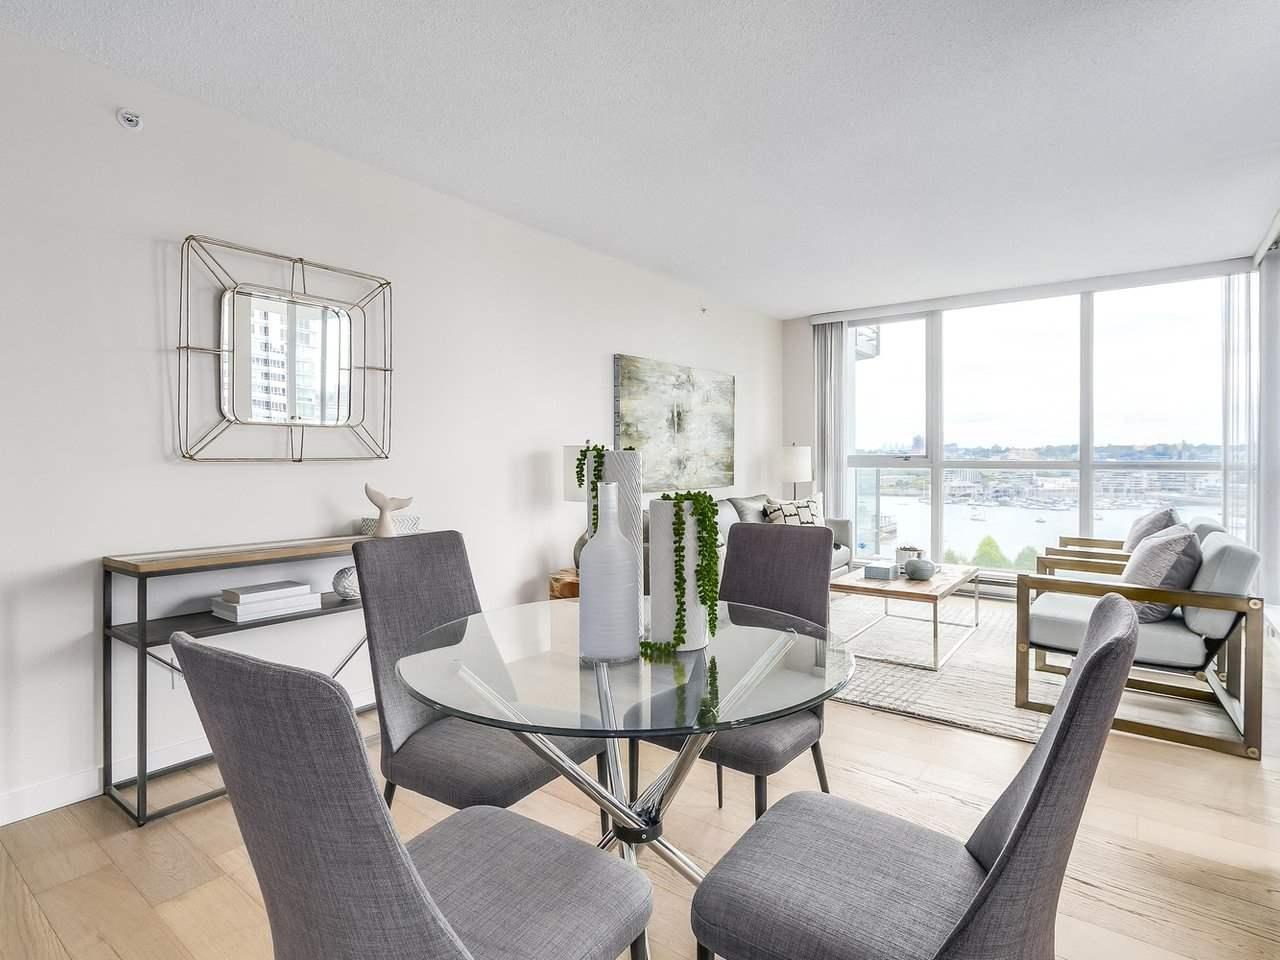 Condo Apartment at 1102 1408 STRATHMORE MEWS, Unit 1102, Vancouver West, British Columbia. Image 7